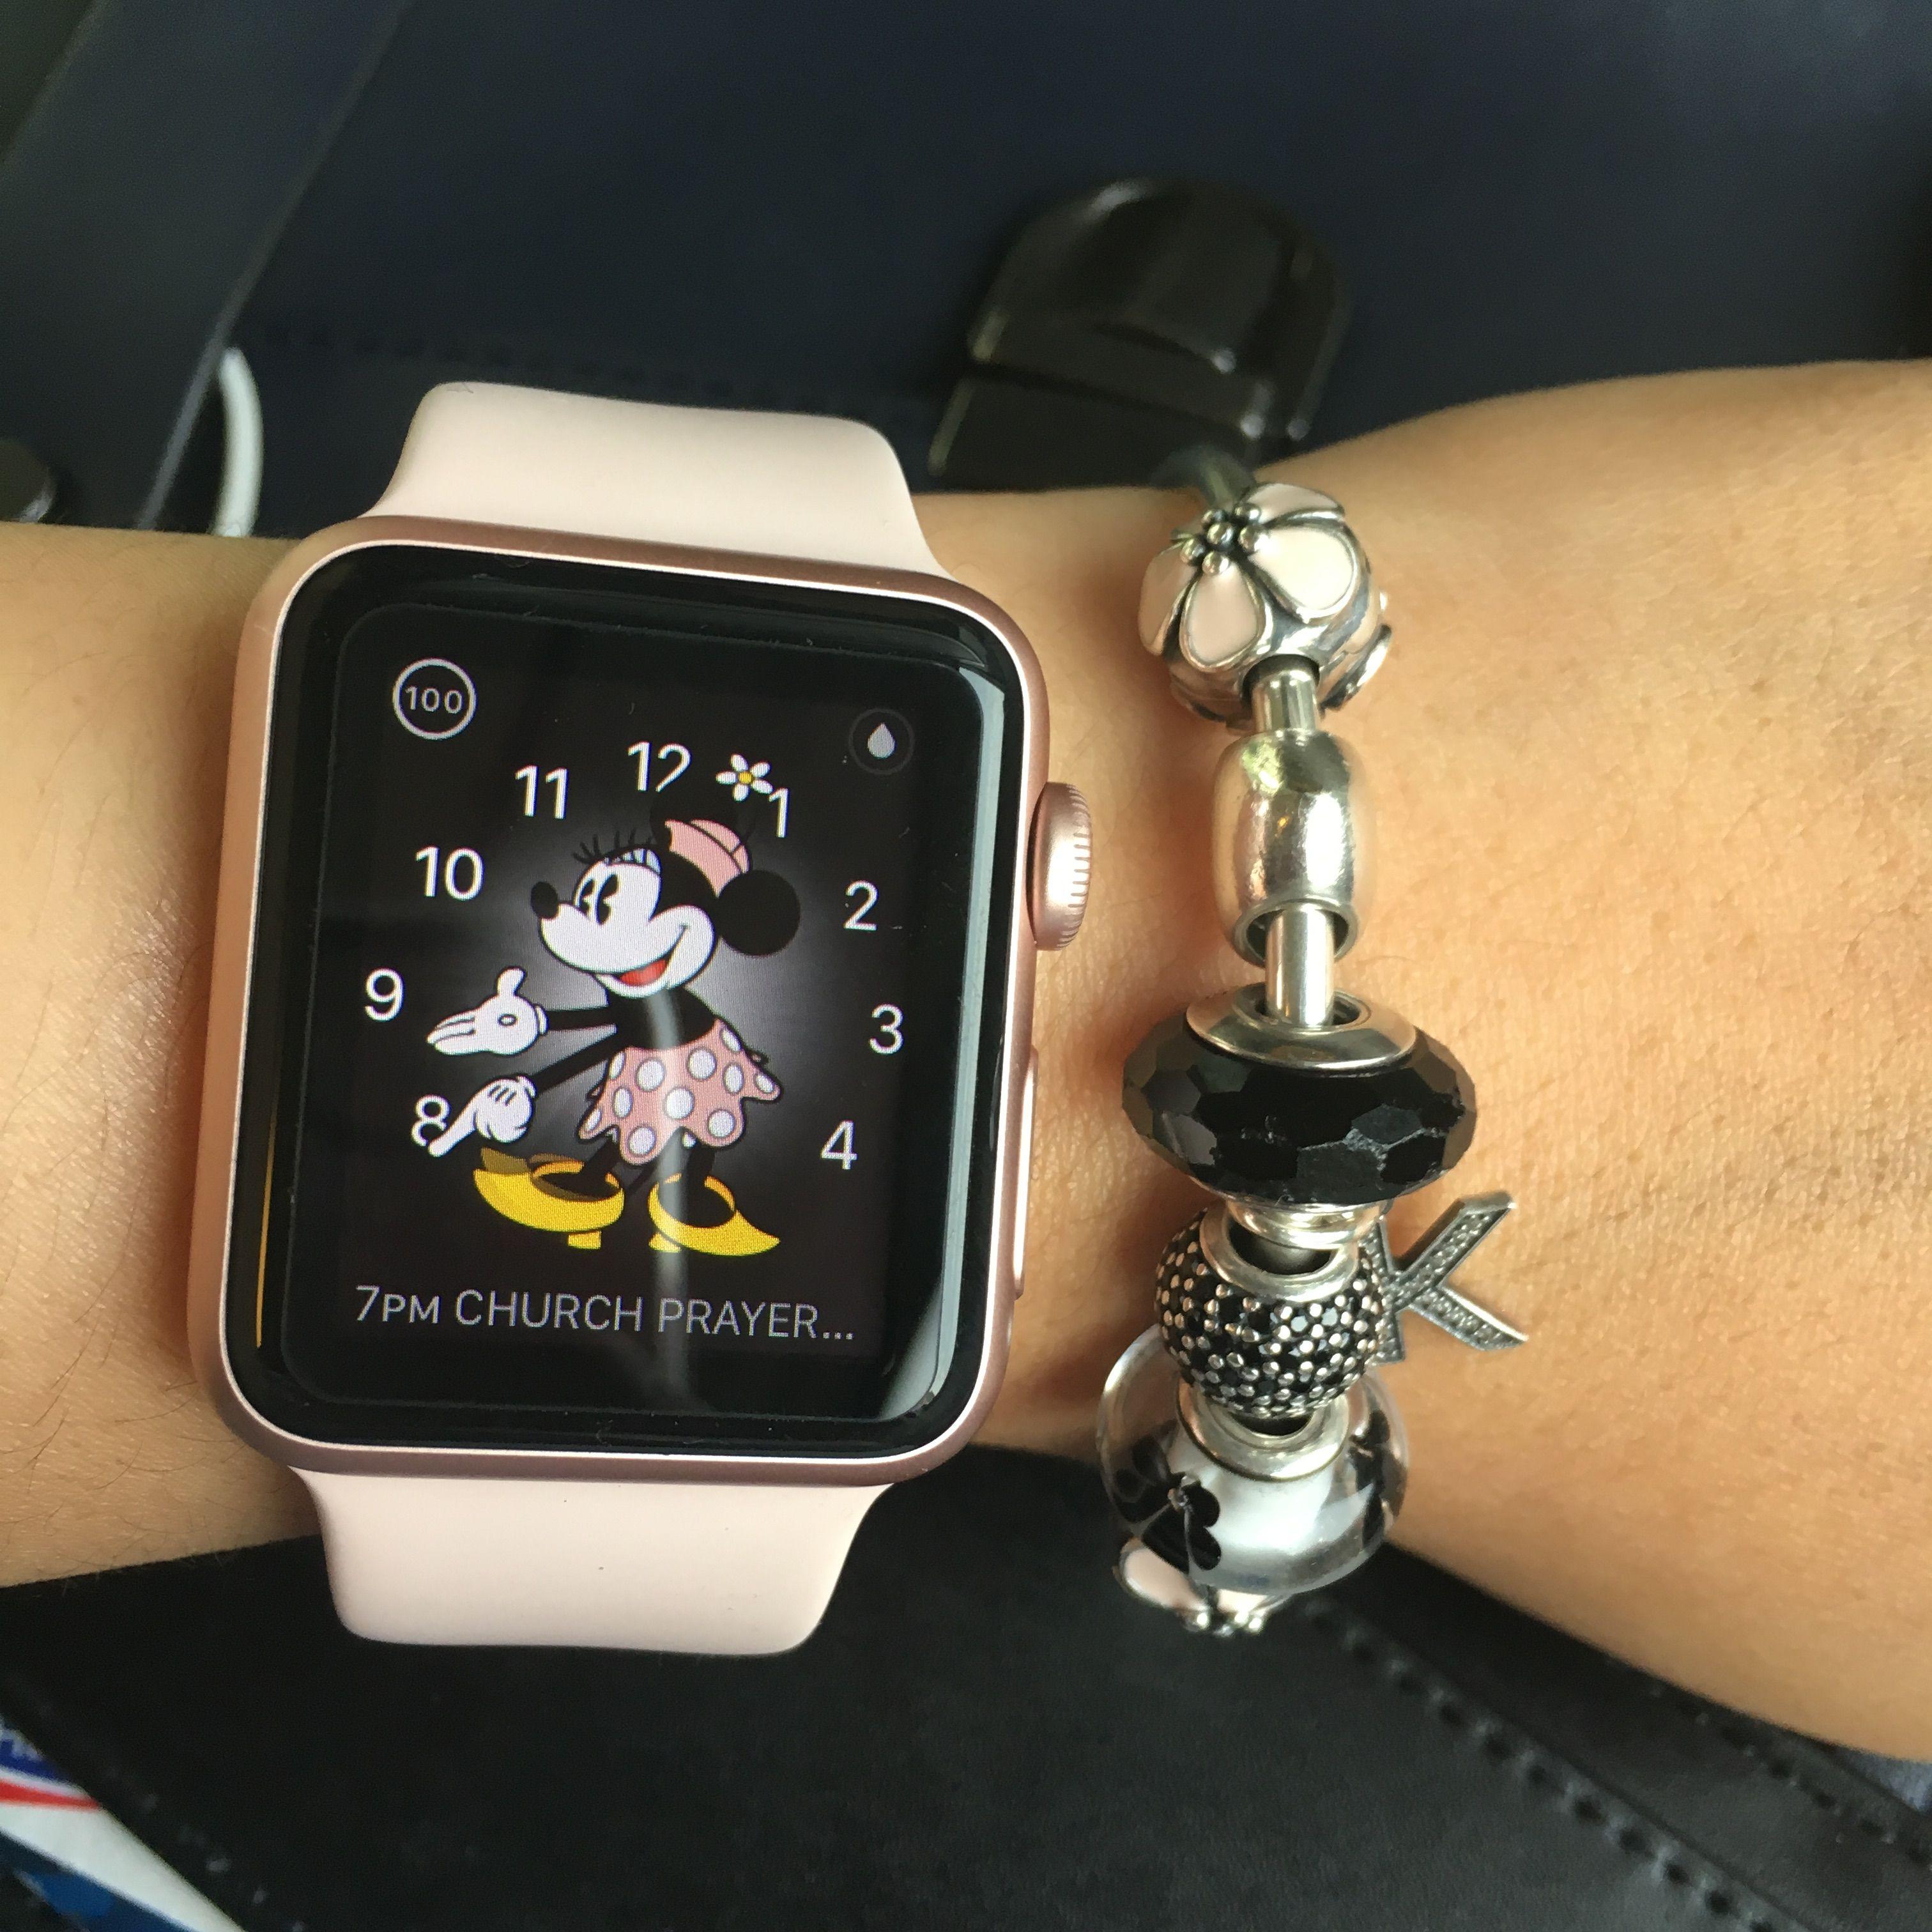 Pandora Applewatch Apple Watch Fashion Apple Watch Accessories